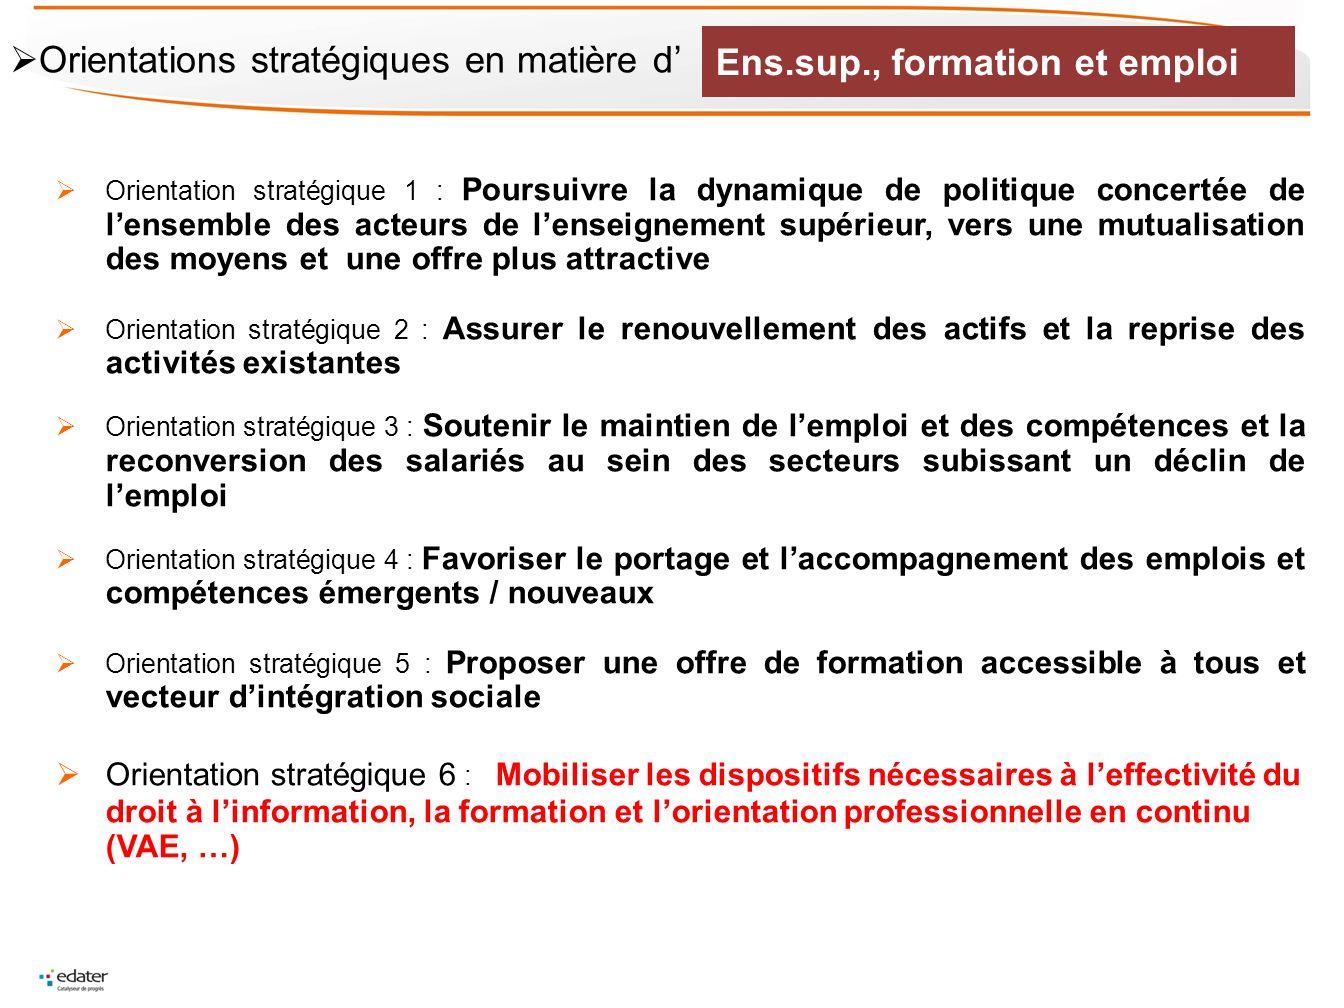 Orientation stratégique 1 : Poursuivre la dynamique de politique concertée de lensemble des acteurs de lenseignement supérieur, vers une mutualisation